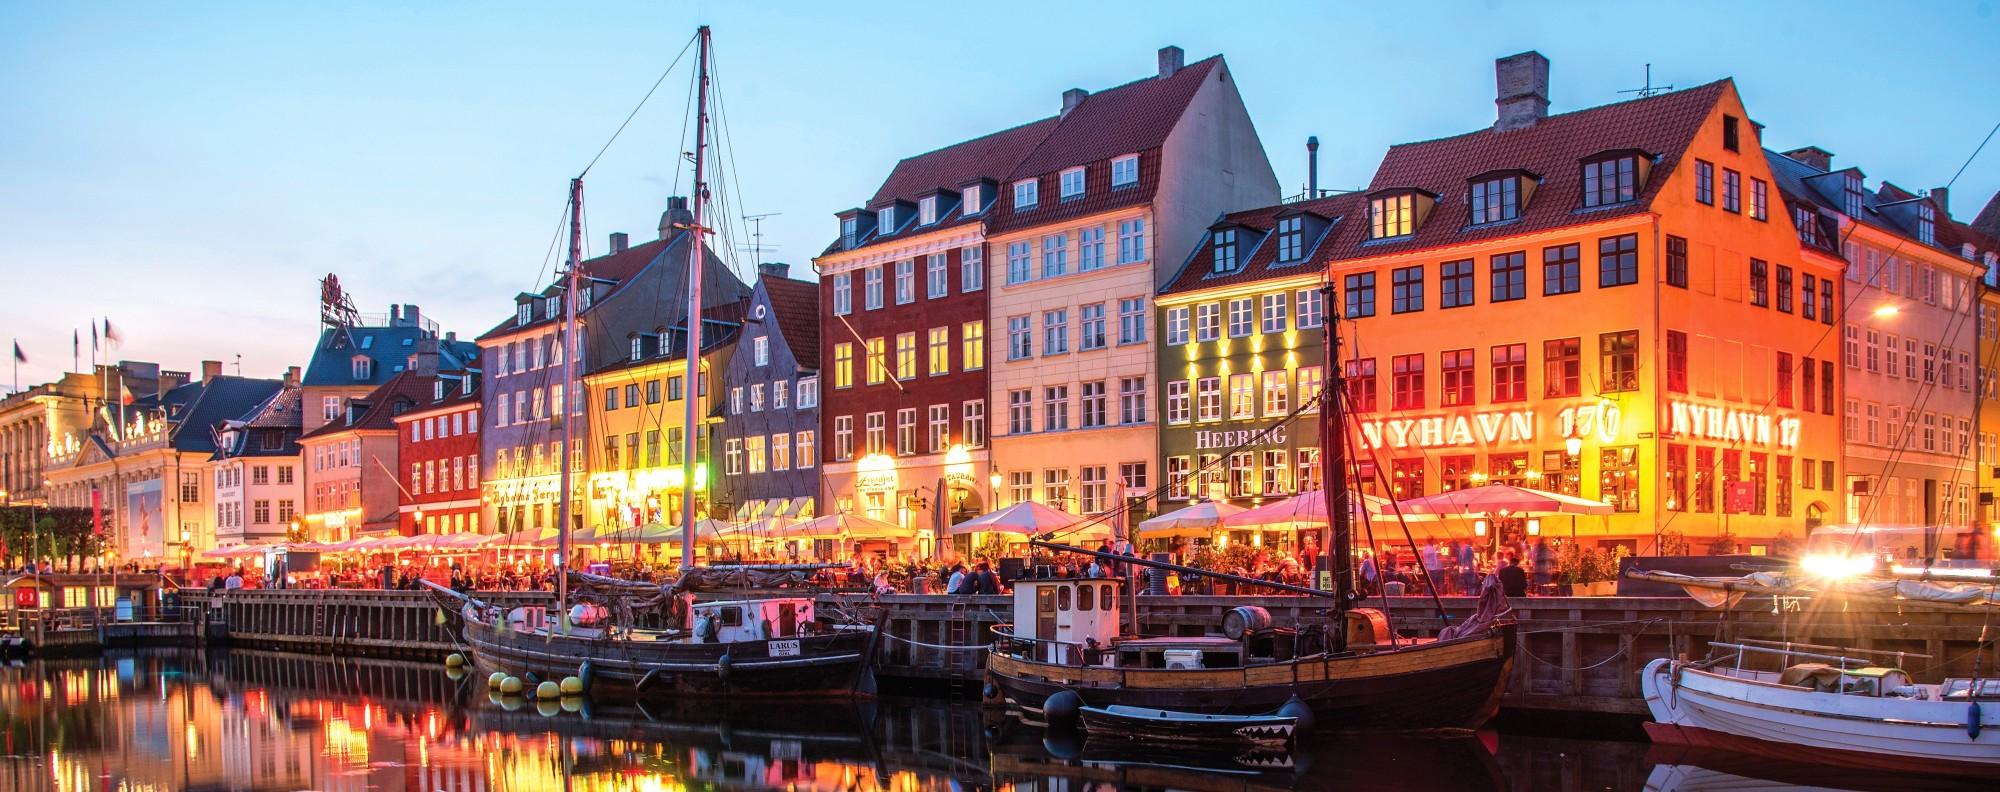 The Nyhavn district in Copenhagen, Denmark.